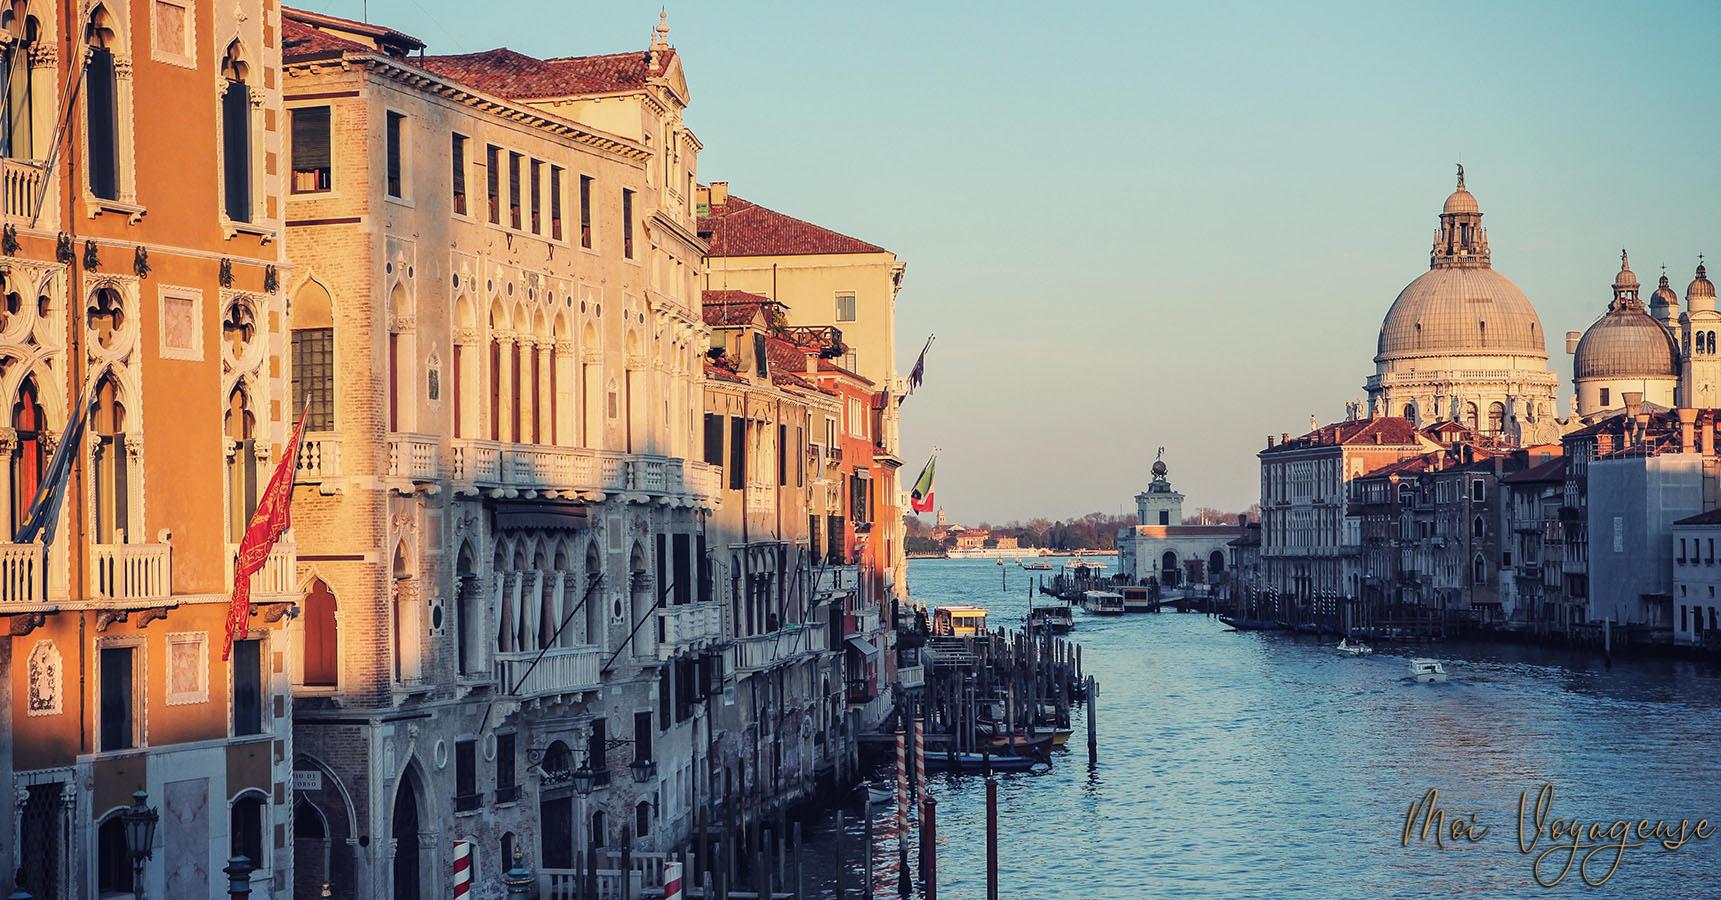 Pont de l'académie venise italie europe coucher de soleil grand canal